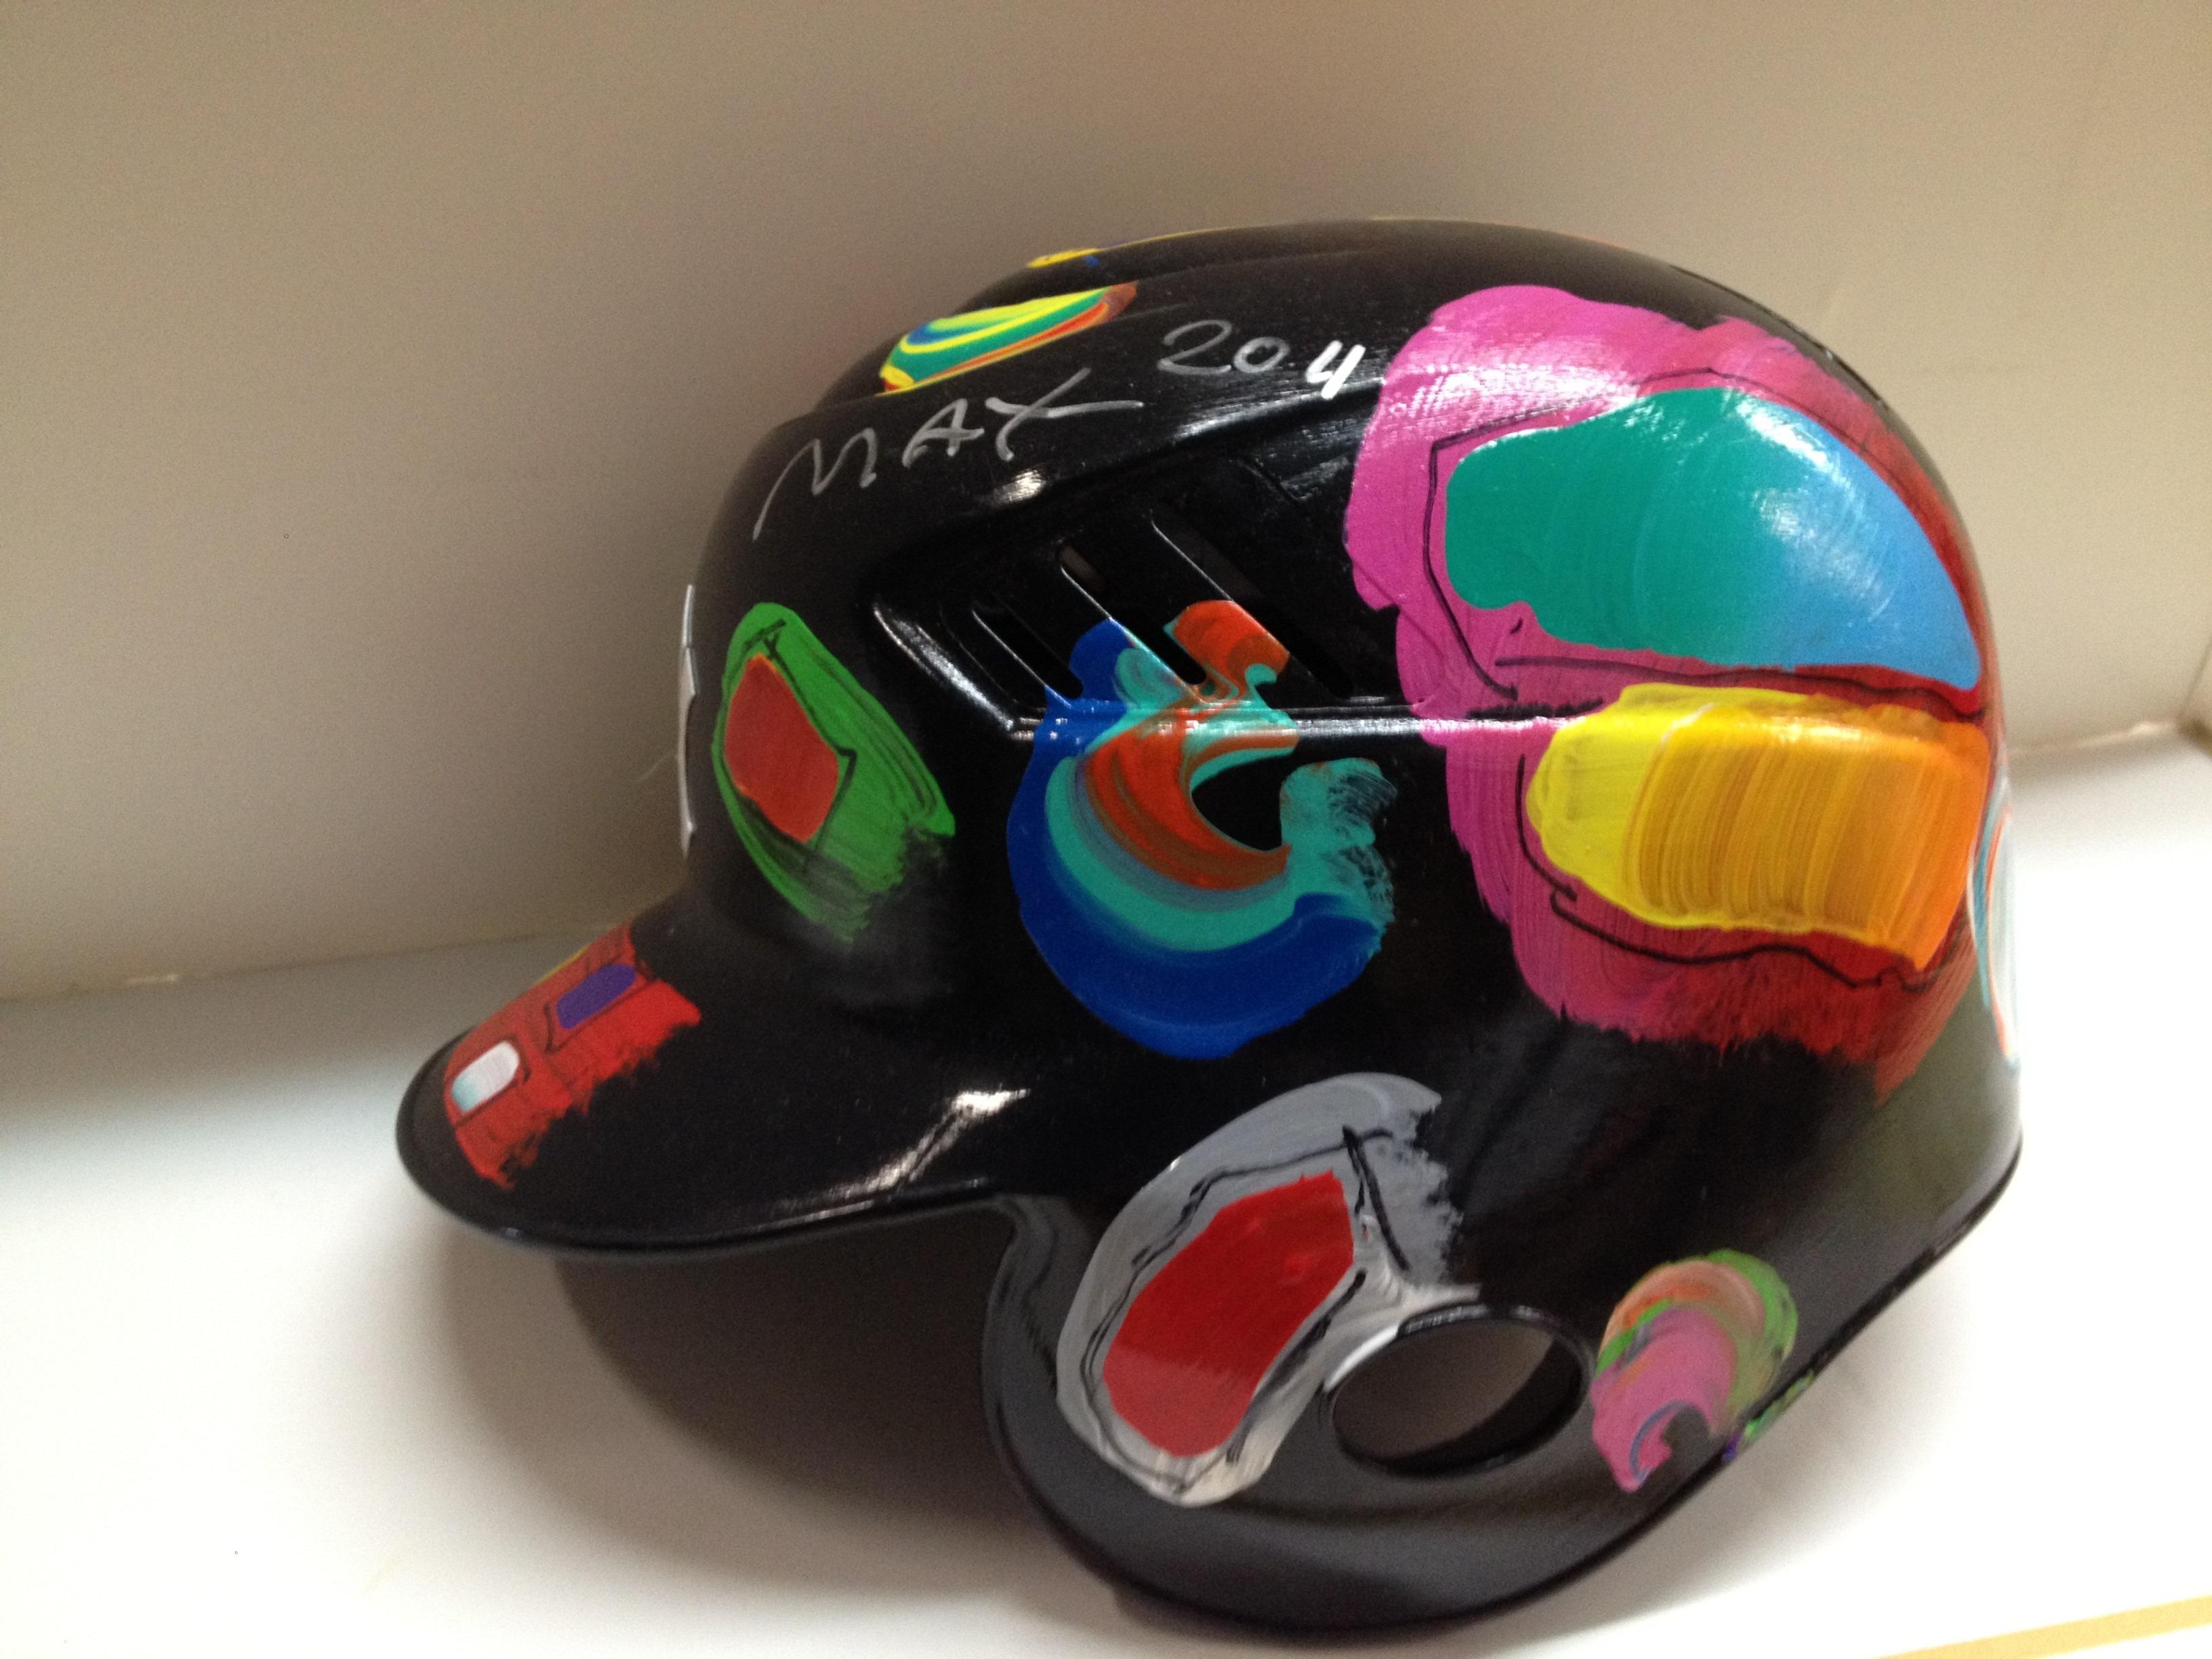 NY-Yankees Baseball Helmet